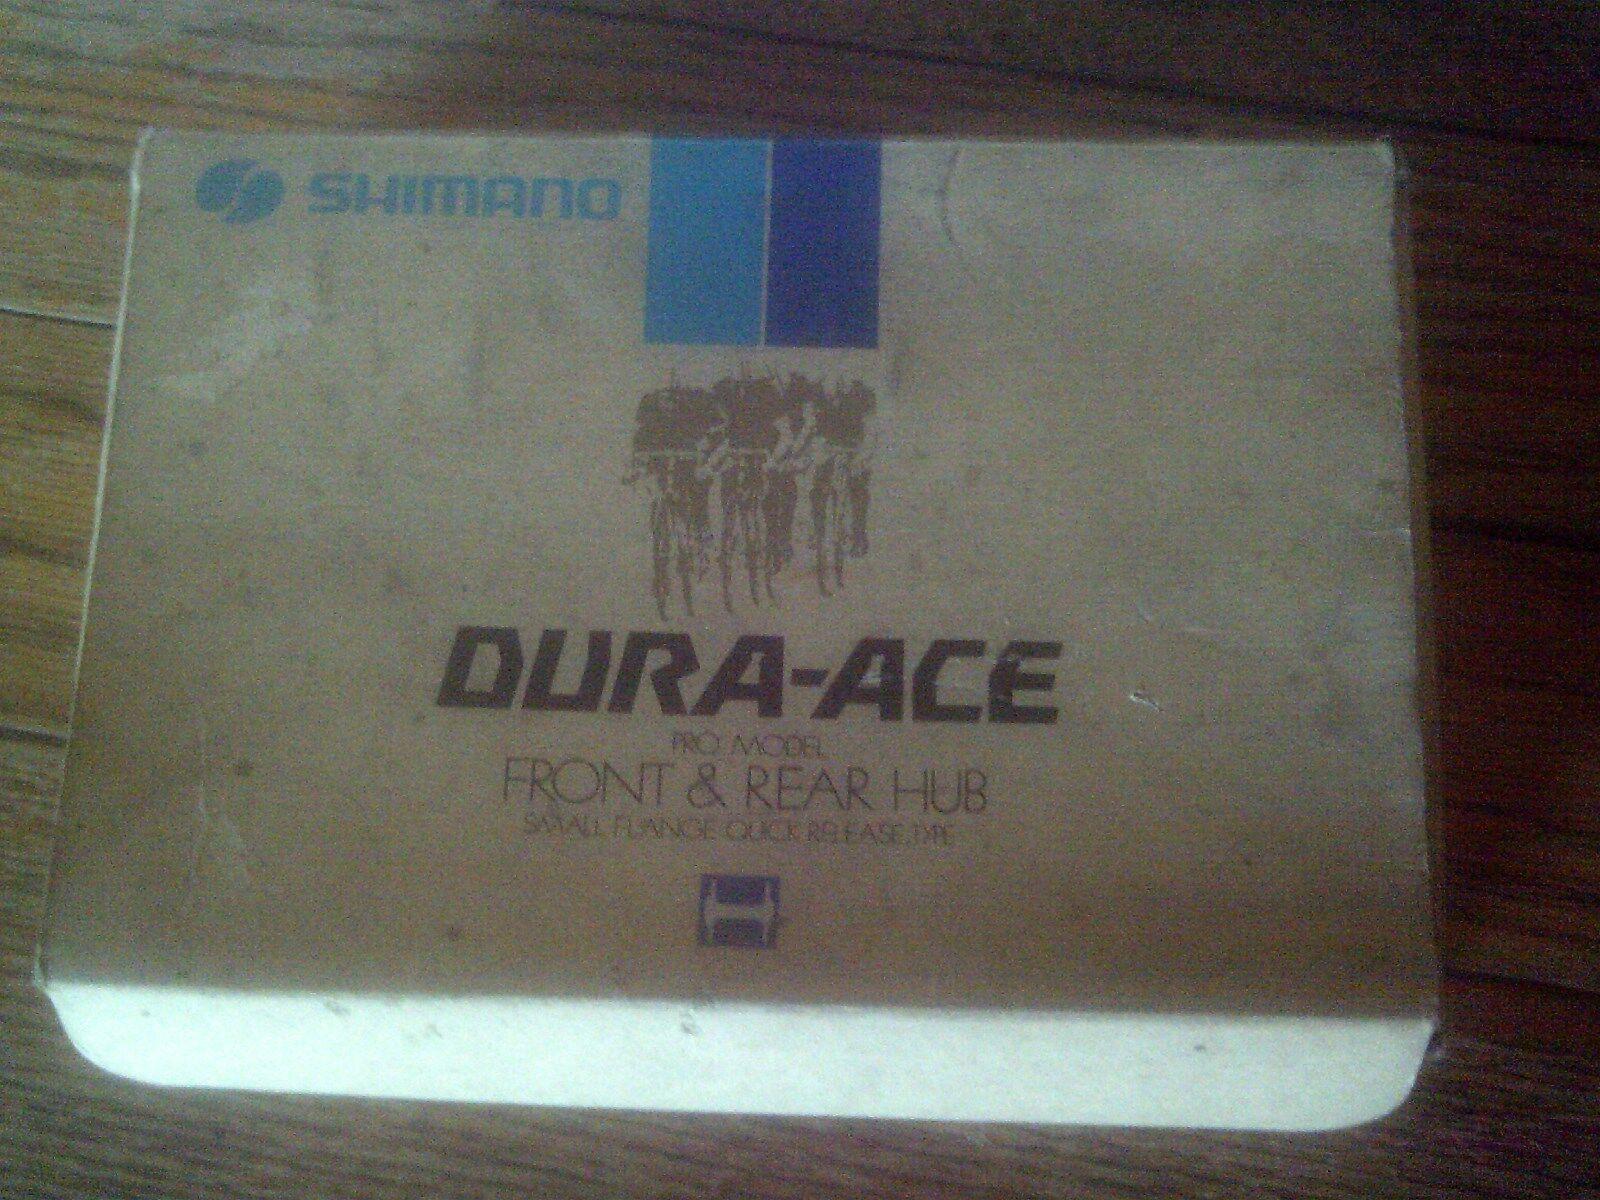 Shimano Dura Ace 7100 36 fori MOZZI, 1981